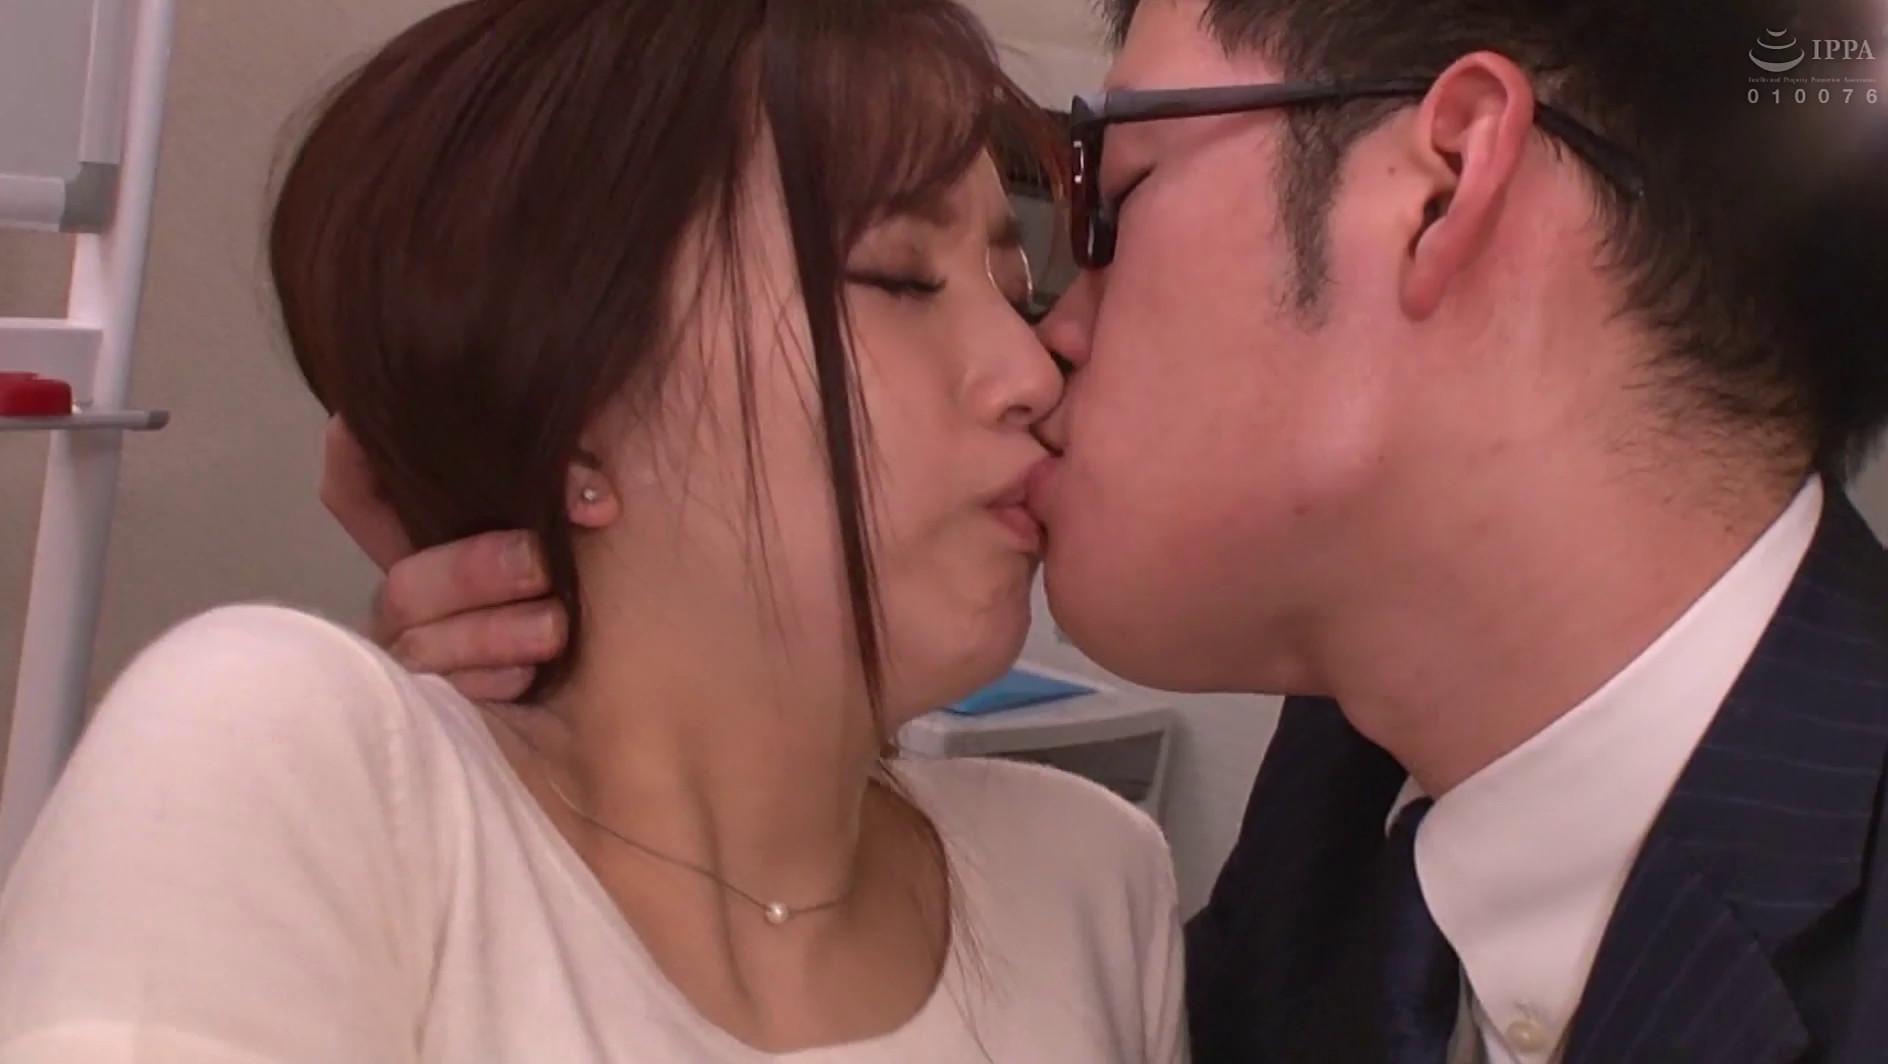 ネトラレーゼ 妻が会社の先輩に寝盗られていた話し 鈴木真夕 画像5